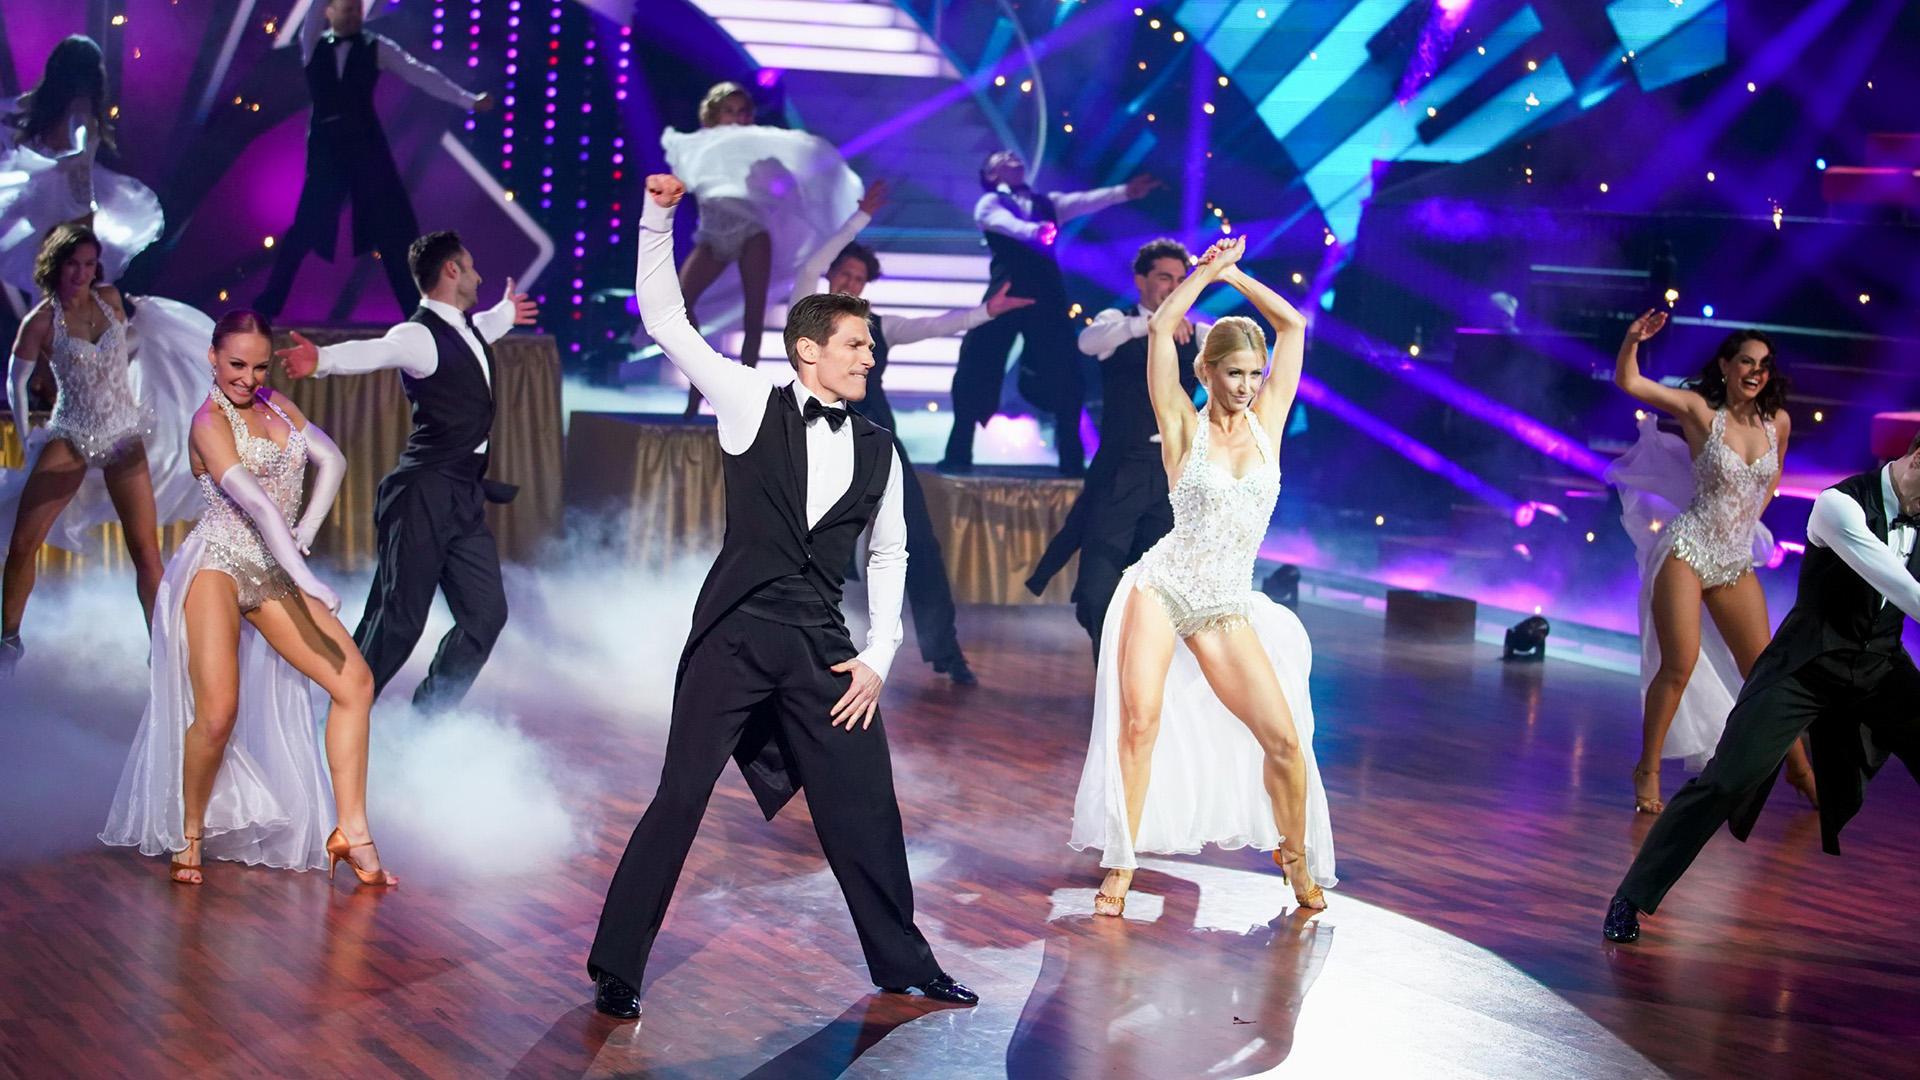 Wer tanzt mit wem? Die große Kennenlernshow | Folge 1